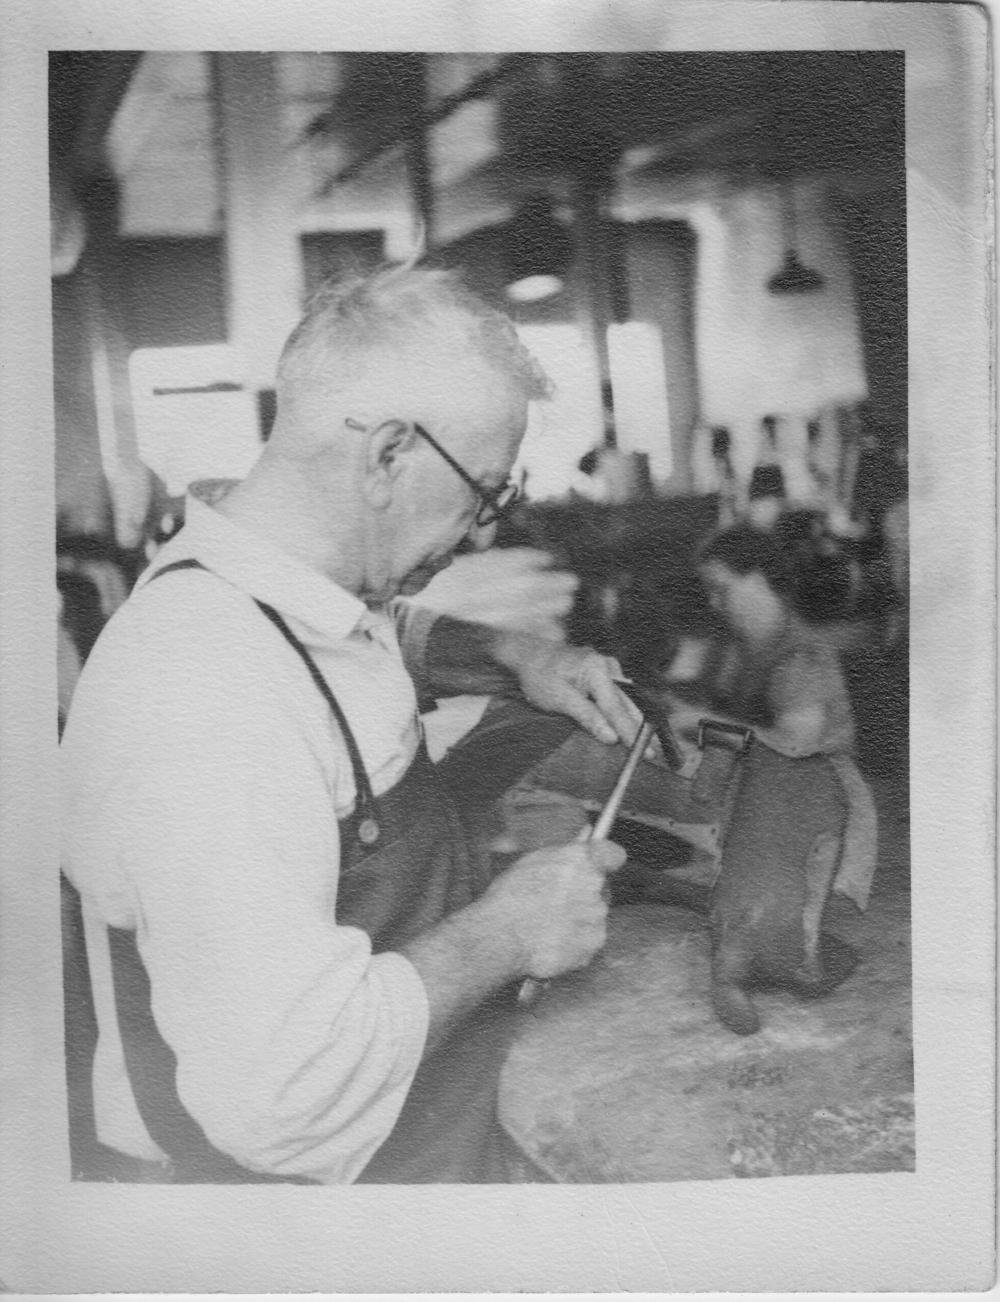 harness worker 2 b&w.jpg